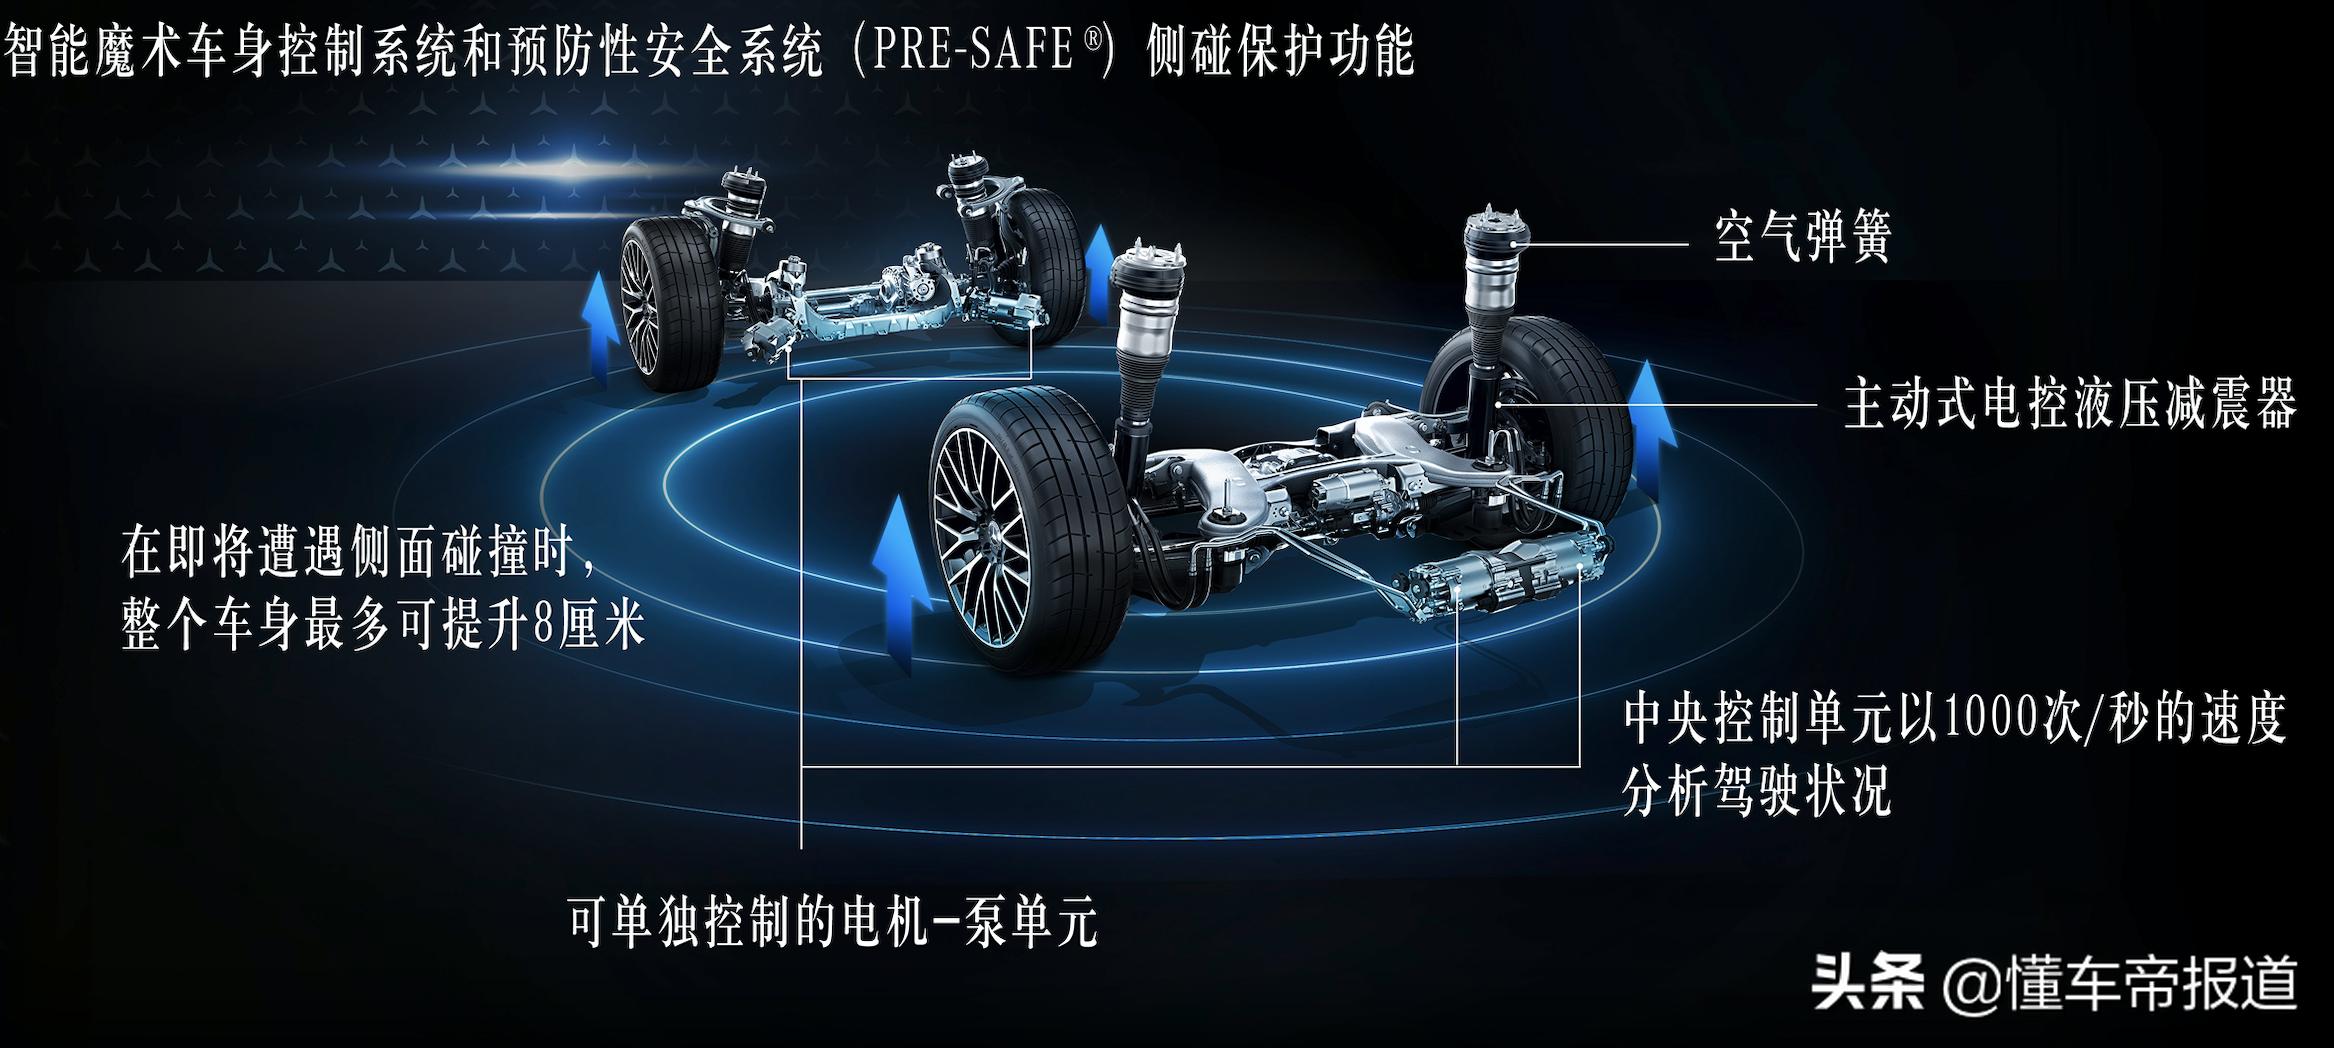 新车 | 由内到外的革新,奔驰新一代S级实车正式发布